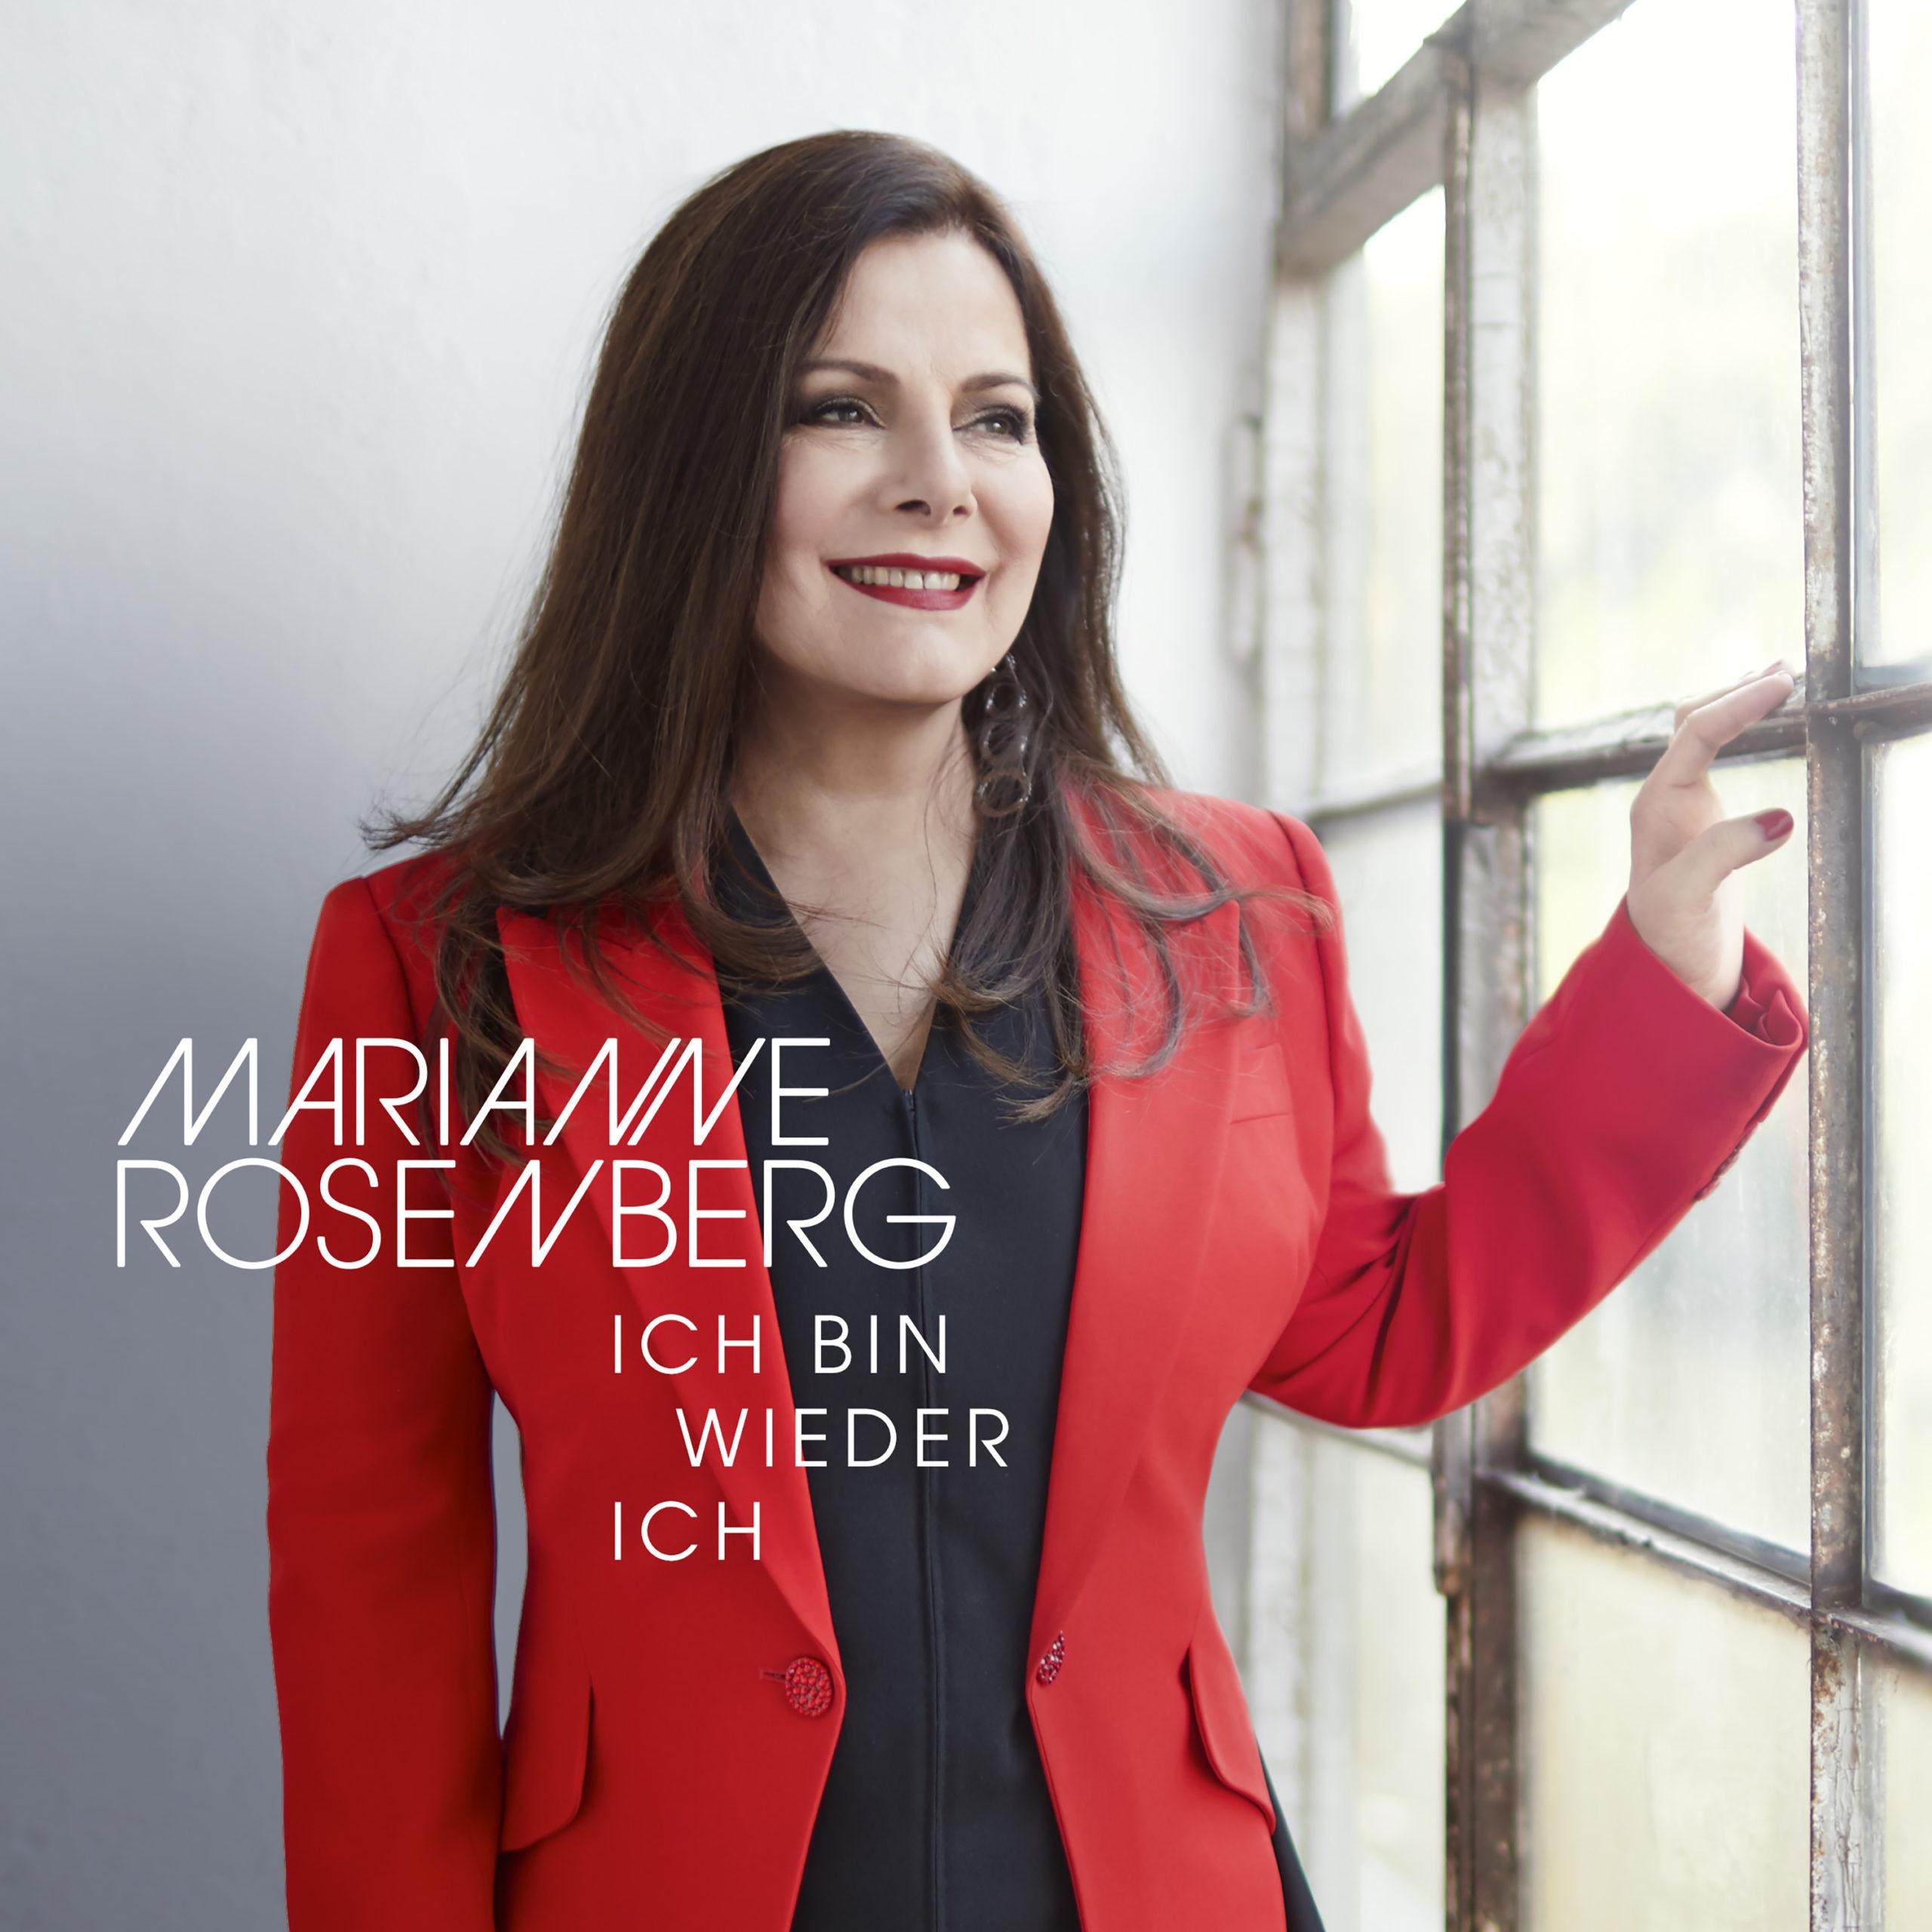 Marianne Rosenberg - Ich bin wieder ich (2020) Cover